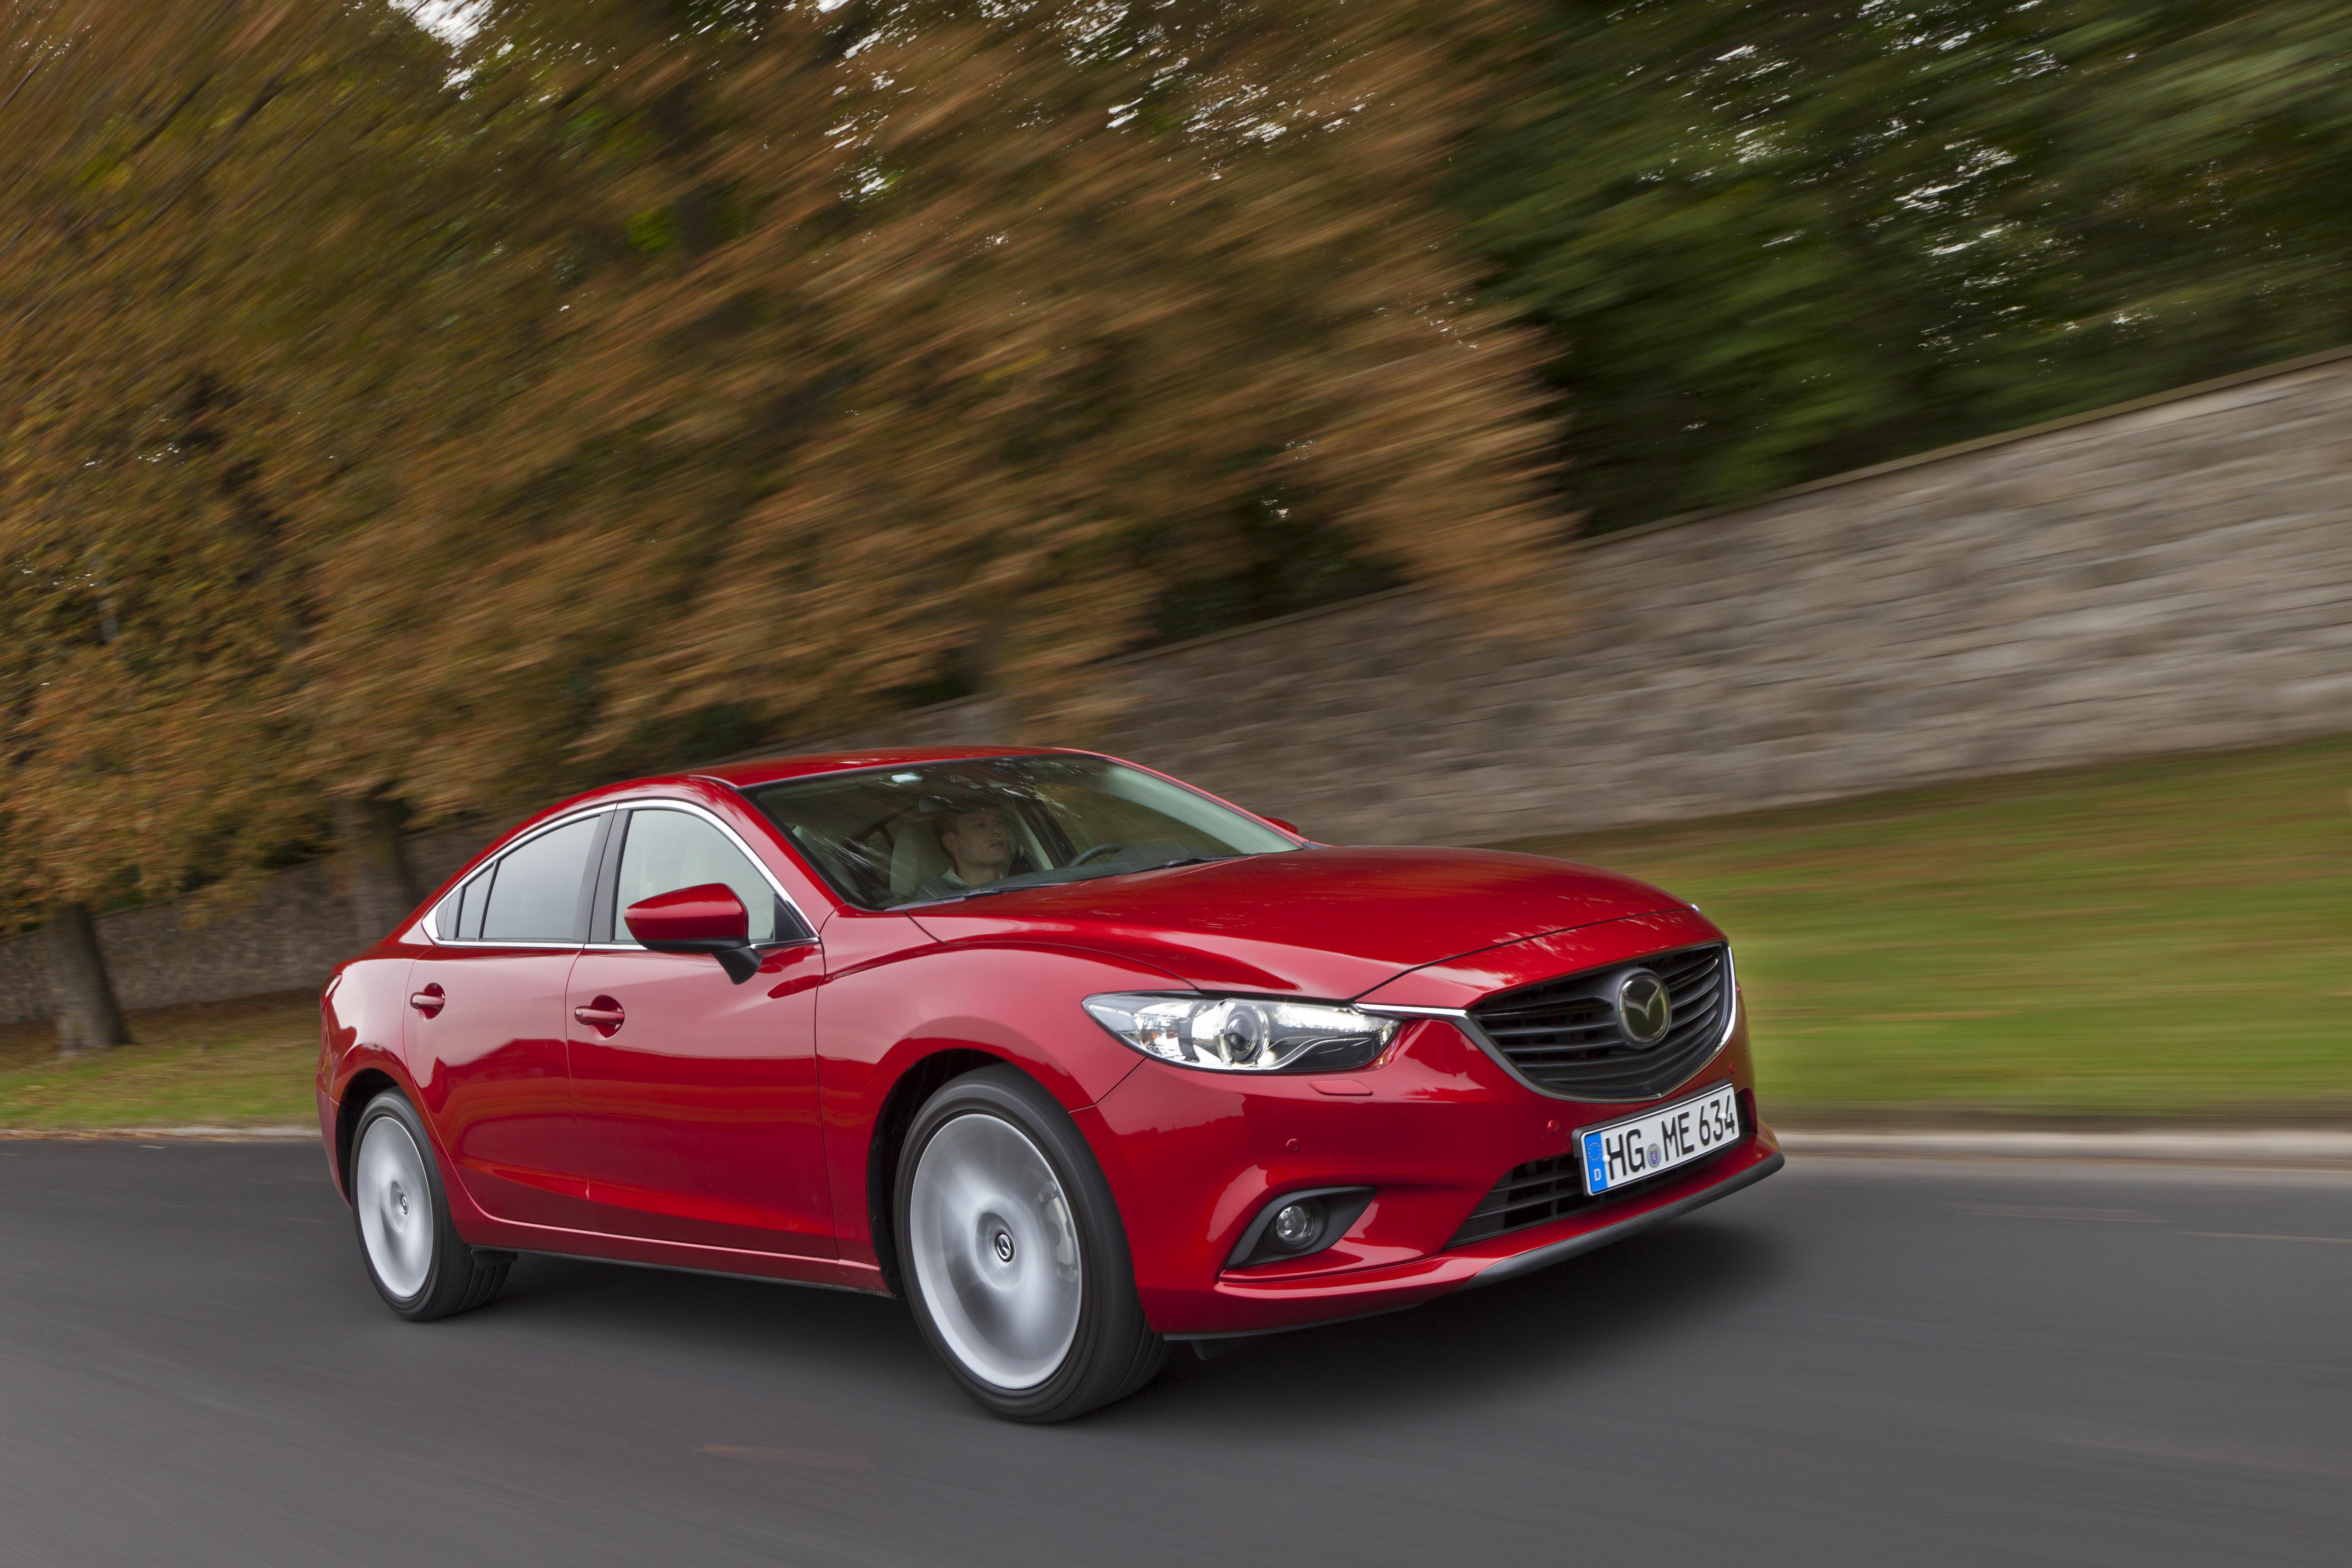 Performances et appétit limité, les nouveaux moteurs de Mazda font merveille, en toute discrétion